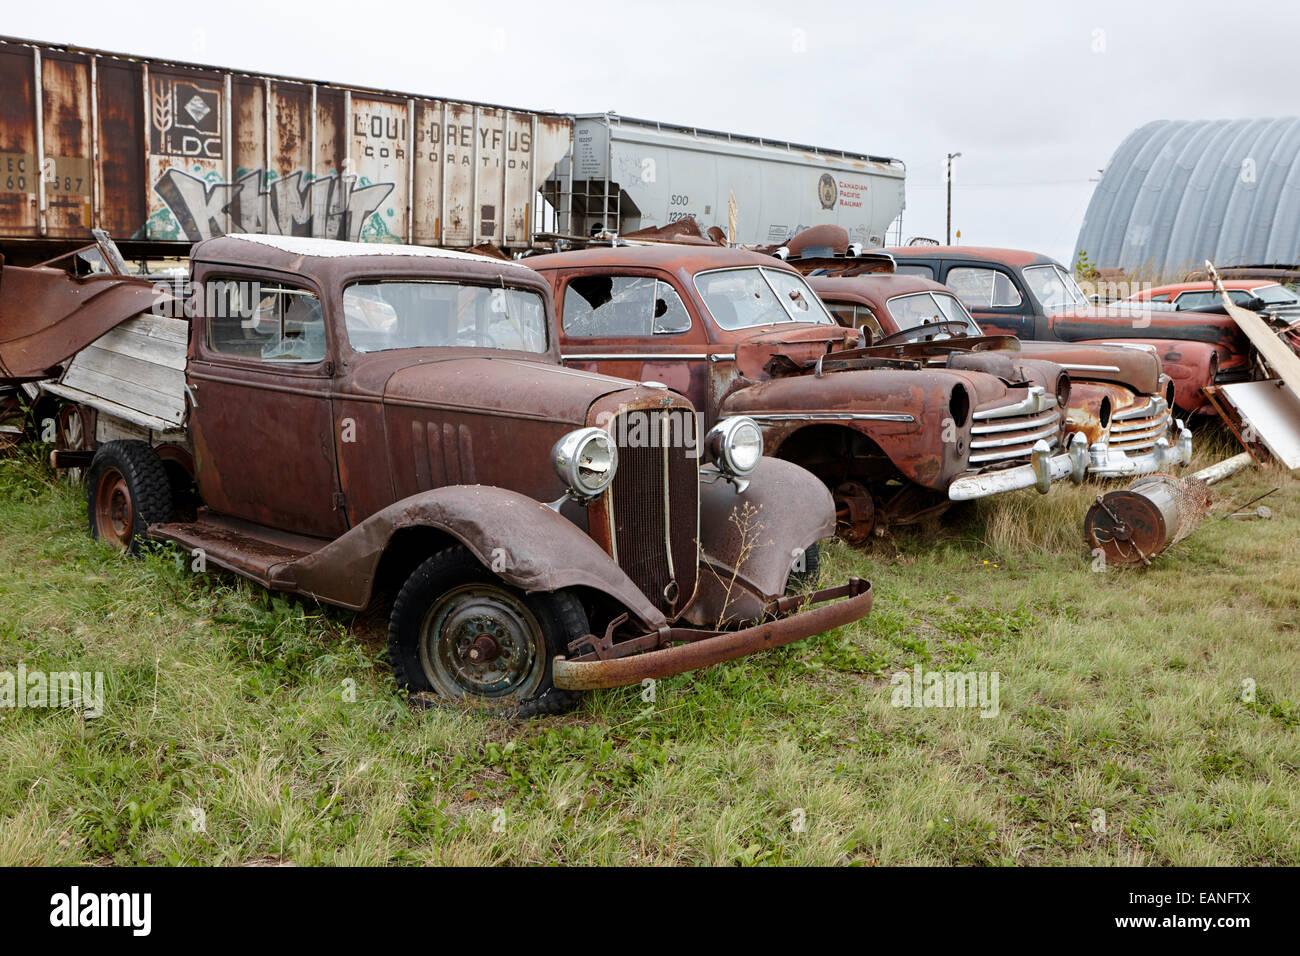 Vintage chevrolet histórico y los vehículos Ford en junkyard Saskatchewan Canadá Imagen De Stock